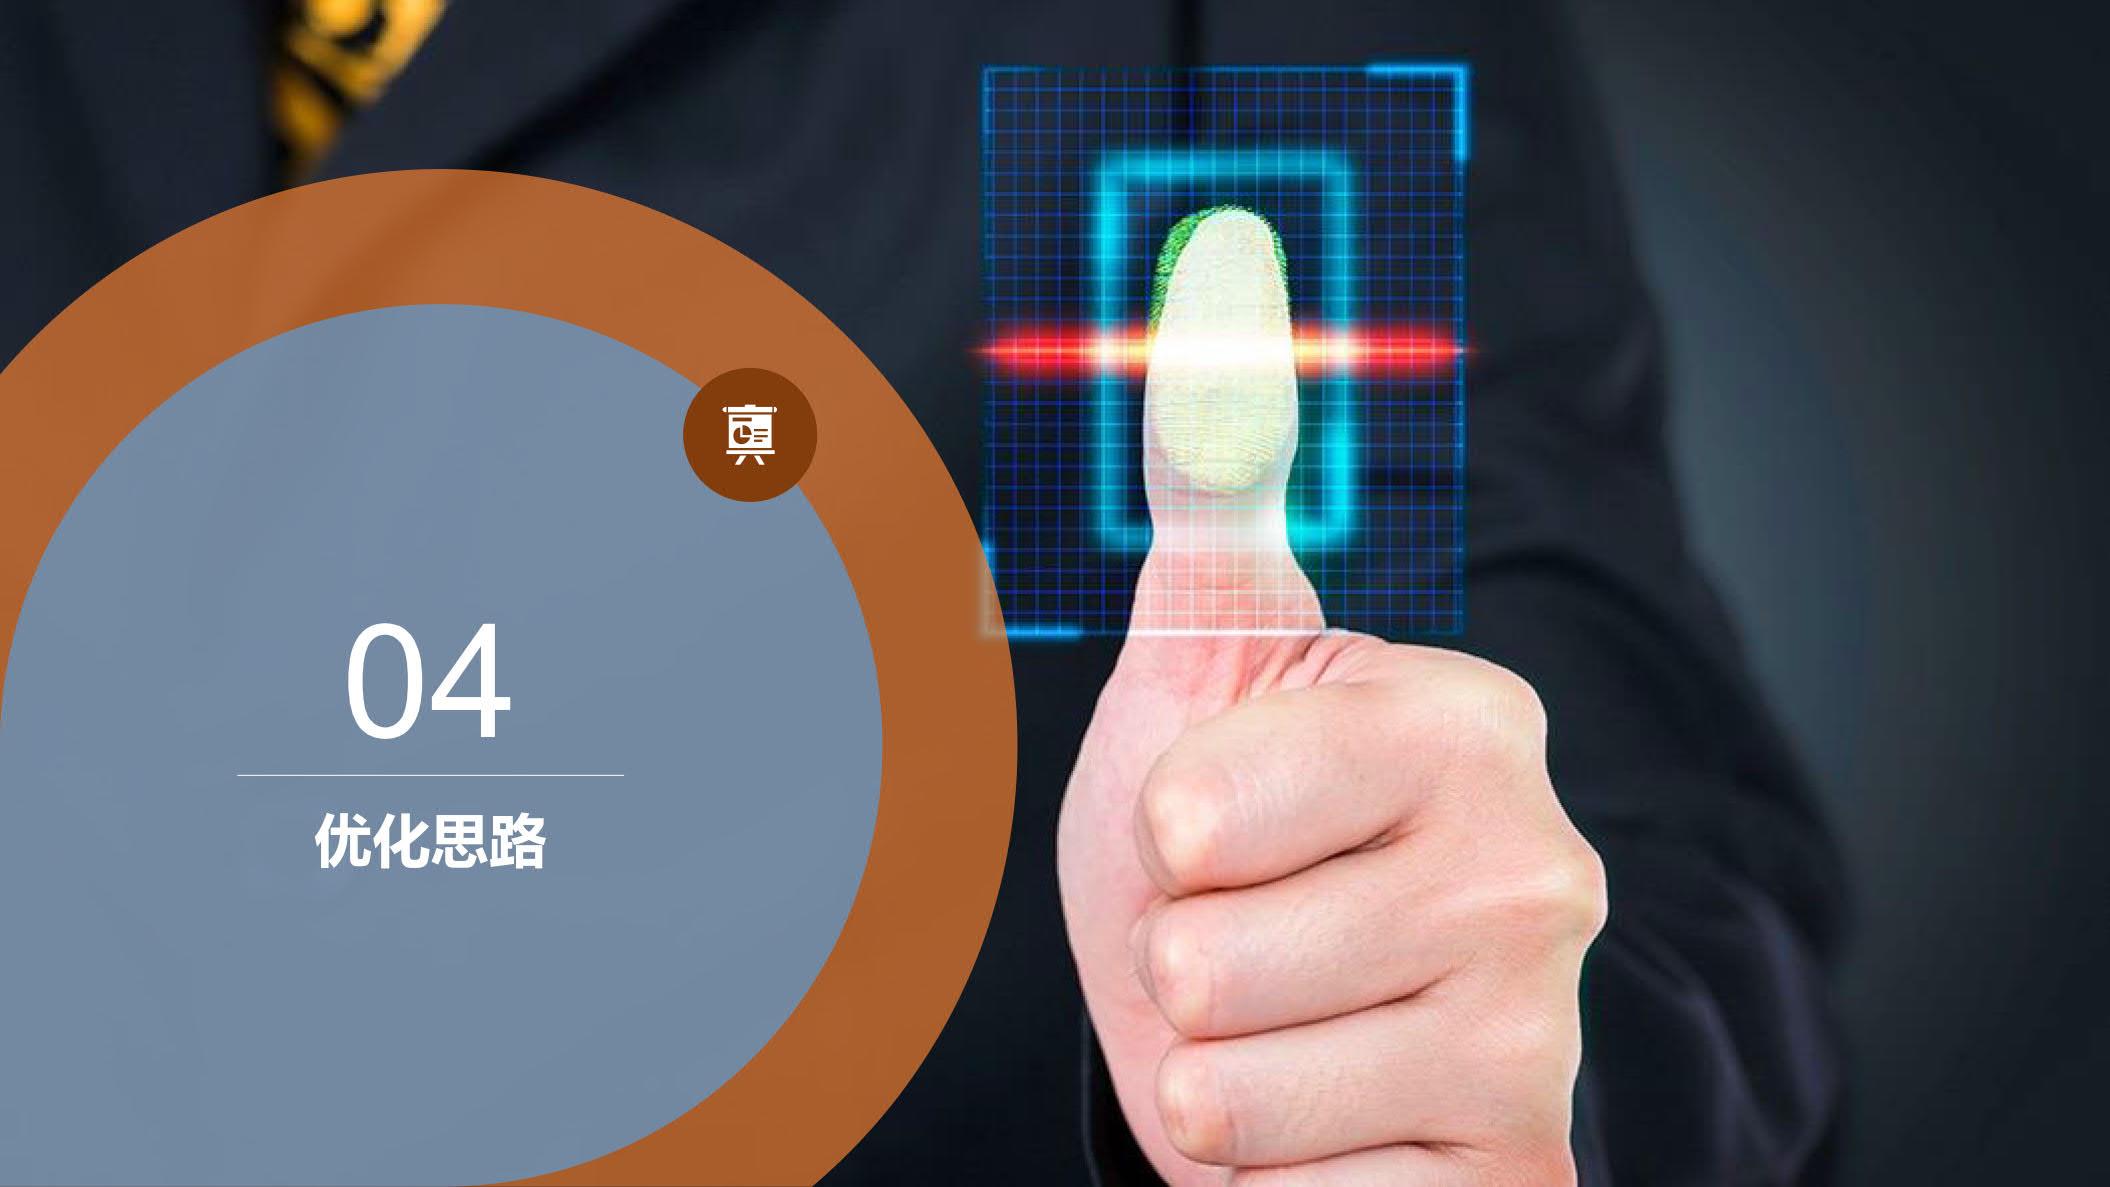 F2+vip焰X+机械设备+陈X-0628_15.jpg